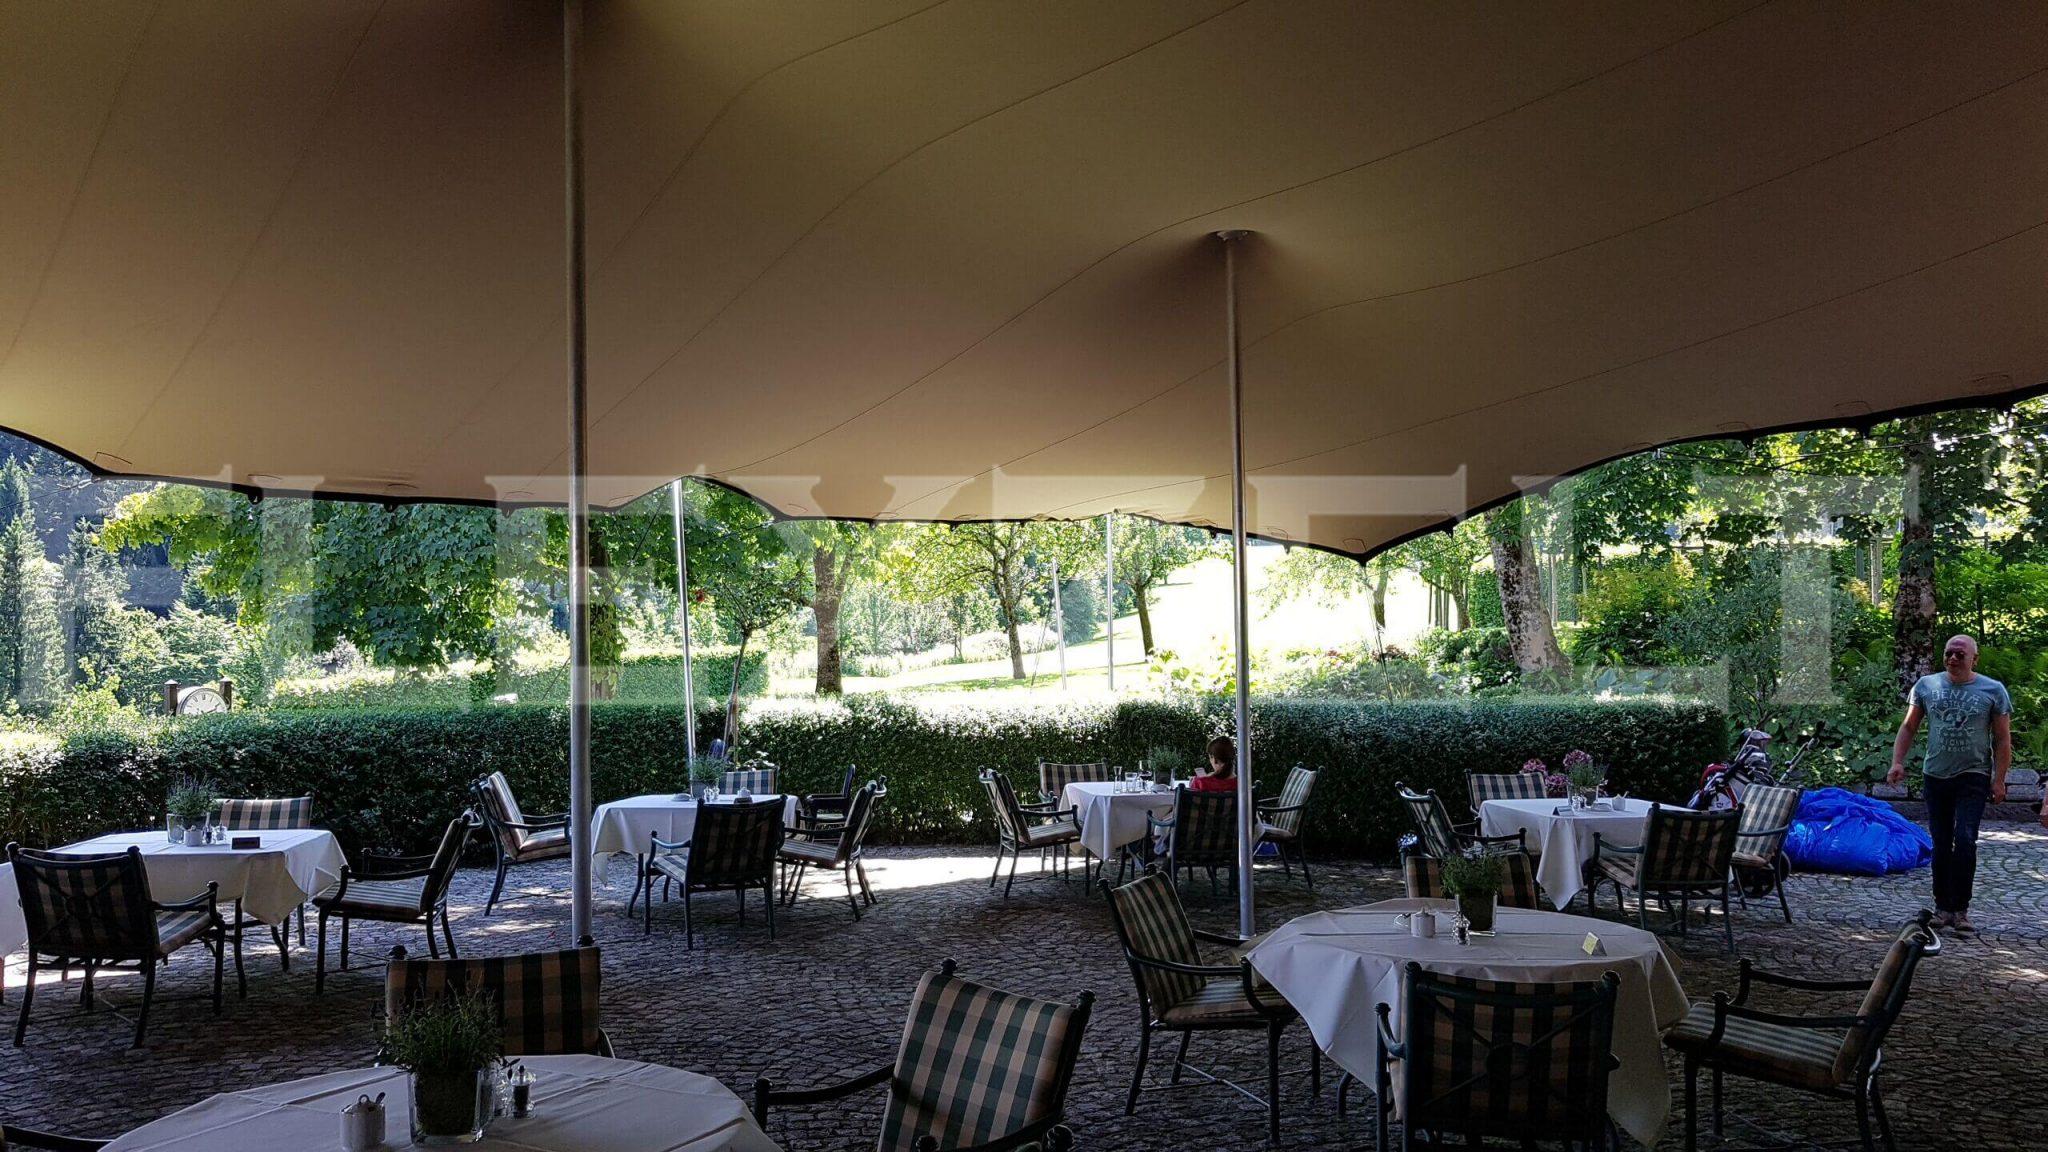 Terras-Tentdoek-Overkapping-Horeca-Restaurant